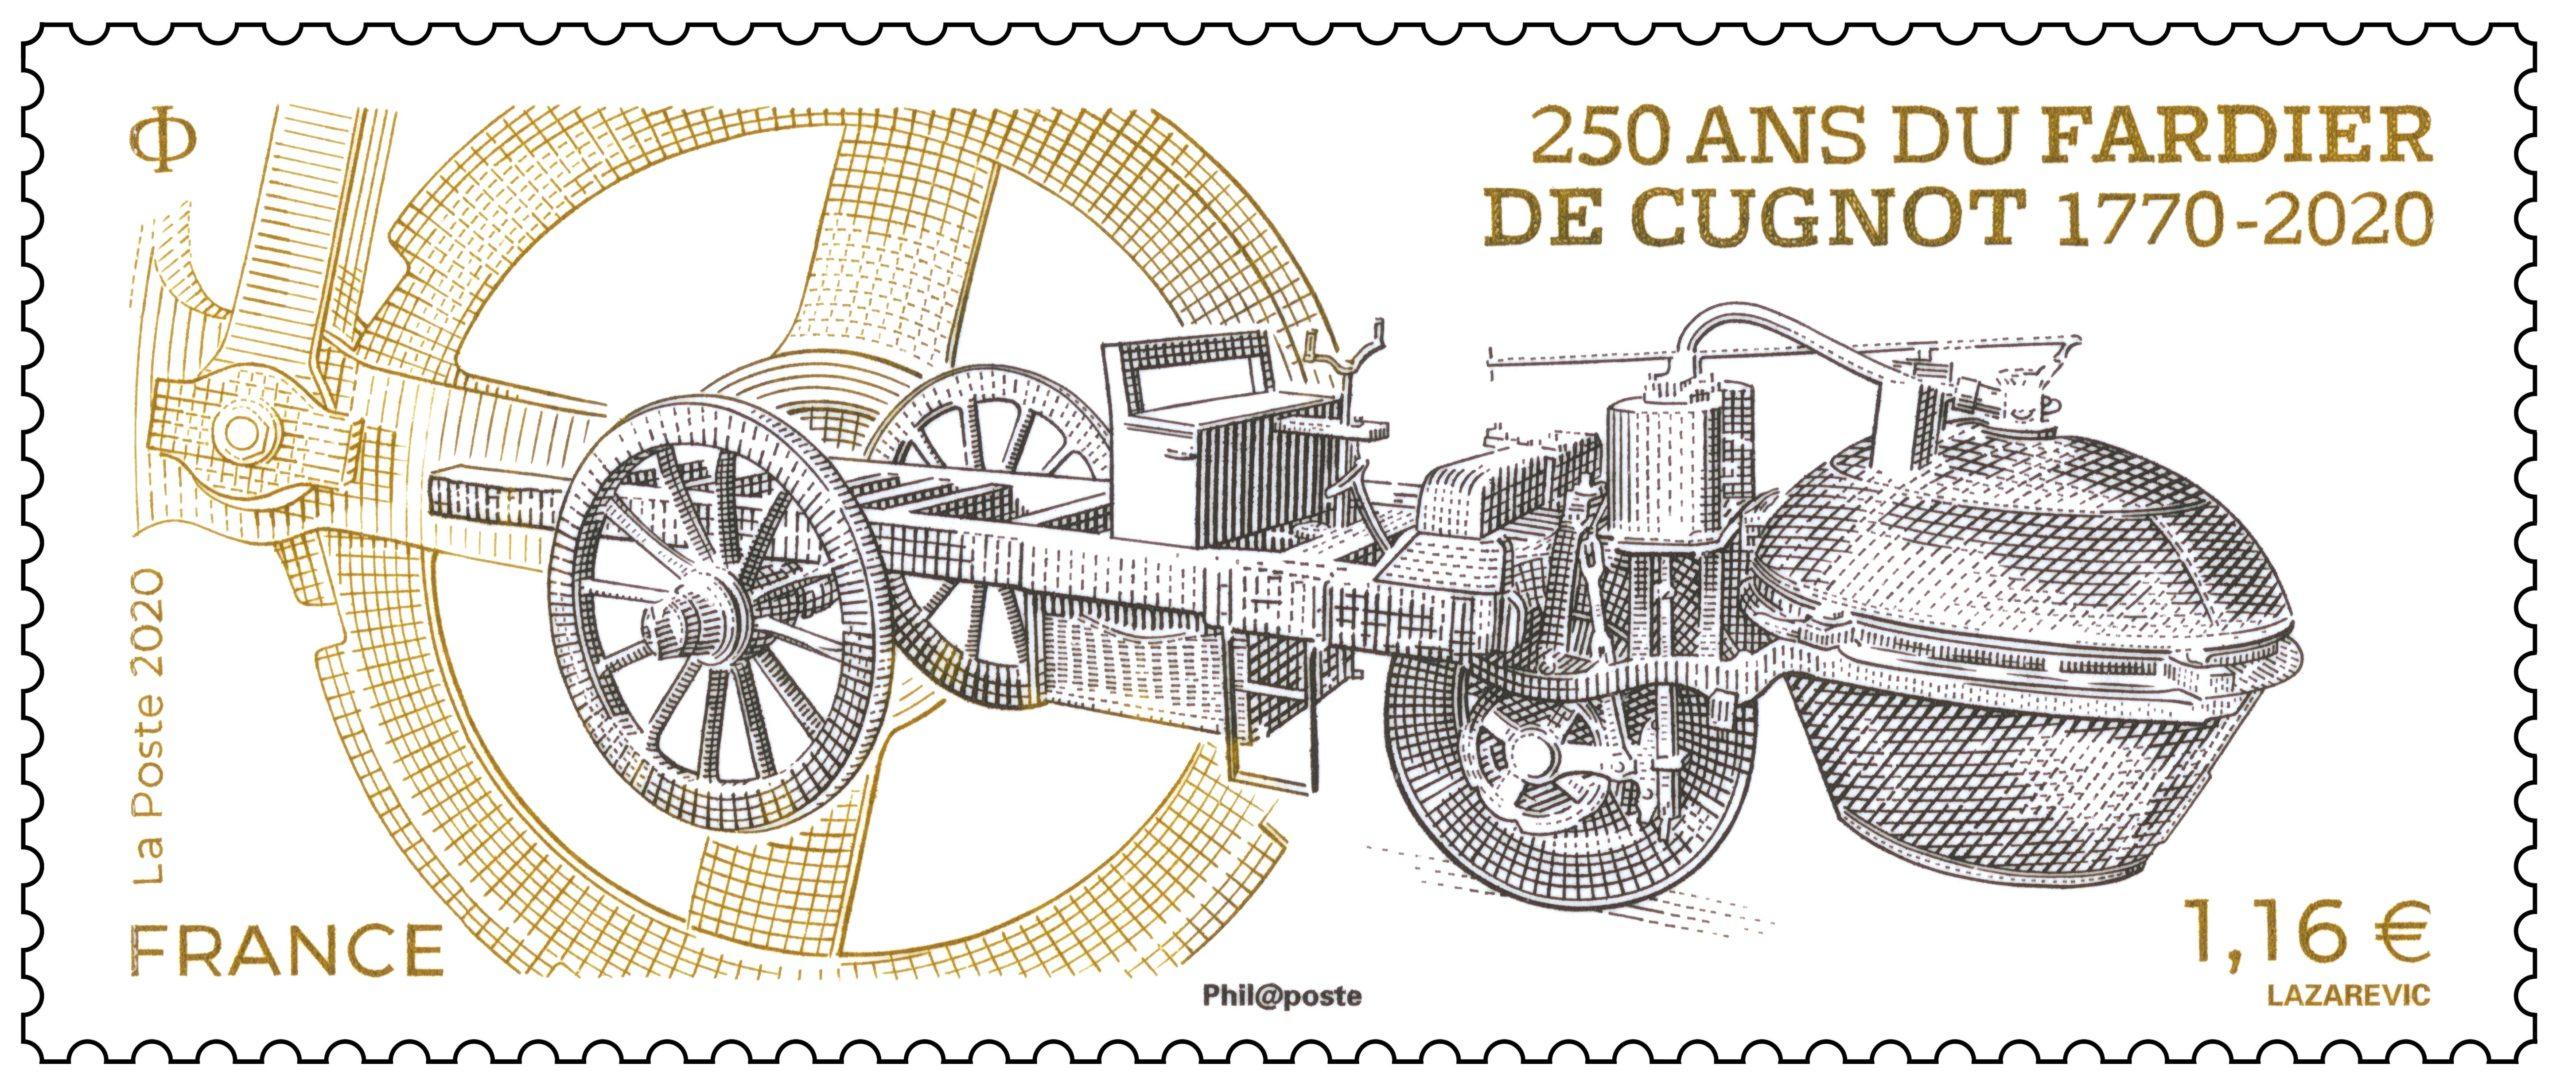 250 ans du fardier de Cugnot 1770-2020